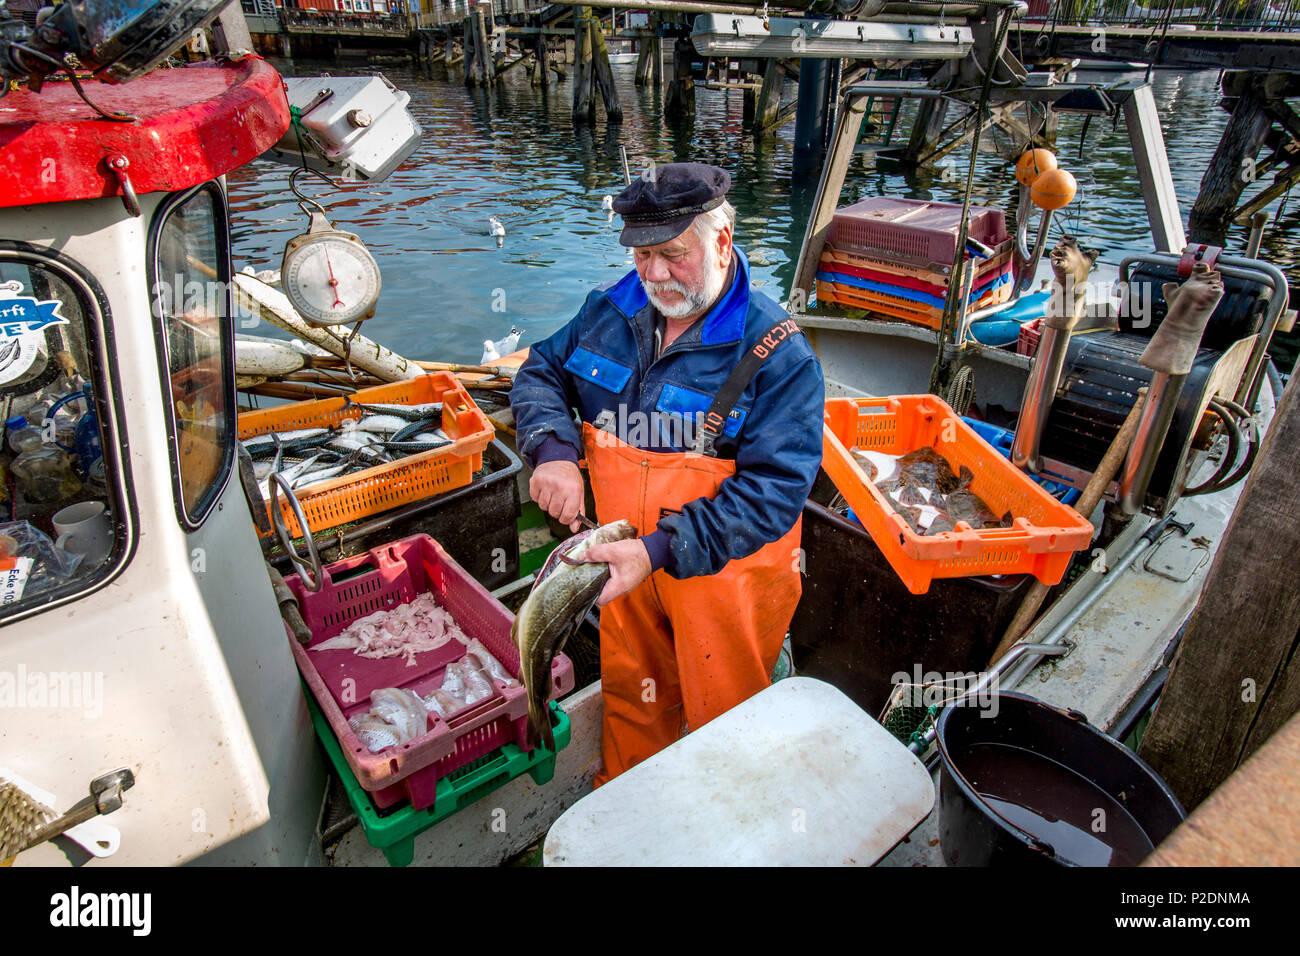 Fisherman selling fish from boat, Eckernfoerde, Baltic Coast, Rendsburg-Eckernfoerde, Schleswig-Holstein, Germany - Stock Image